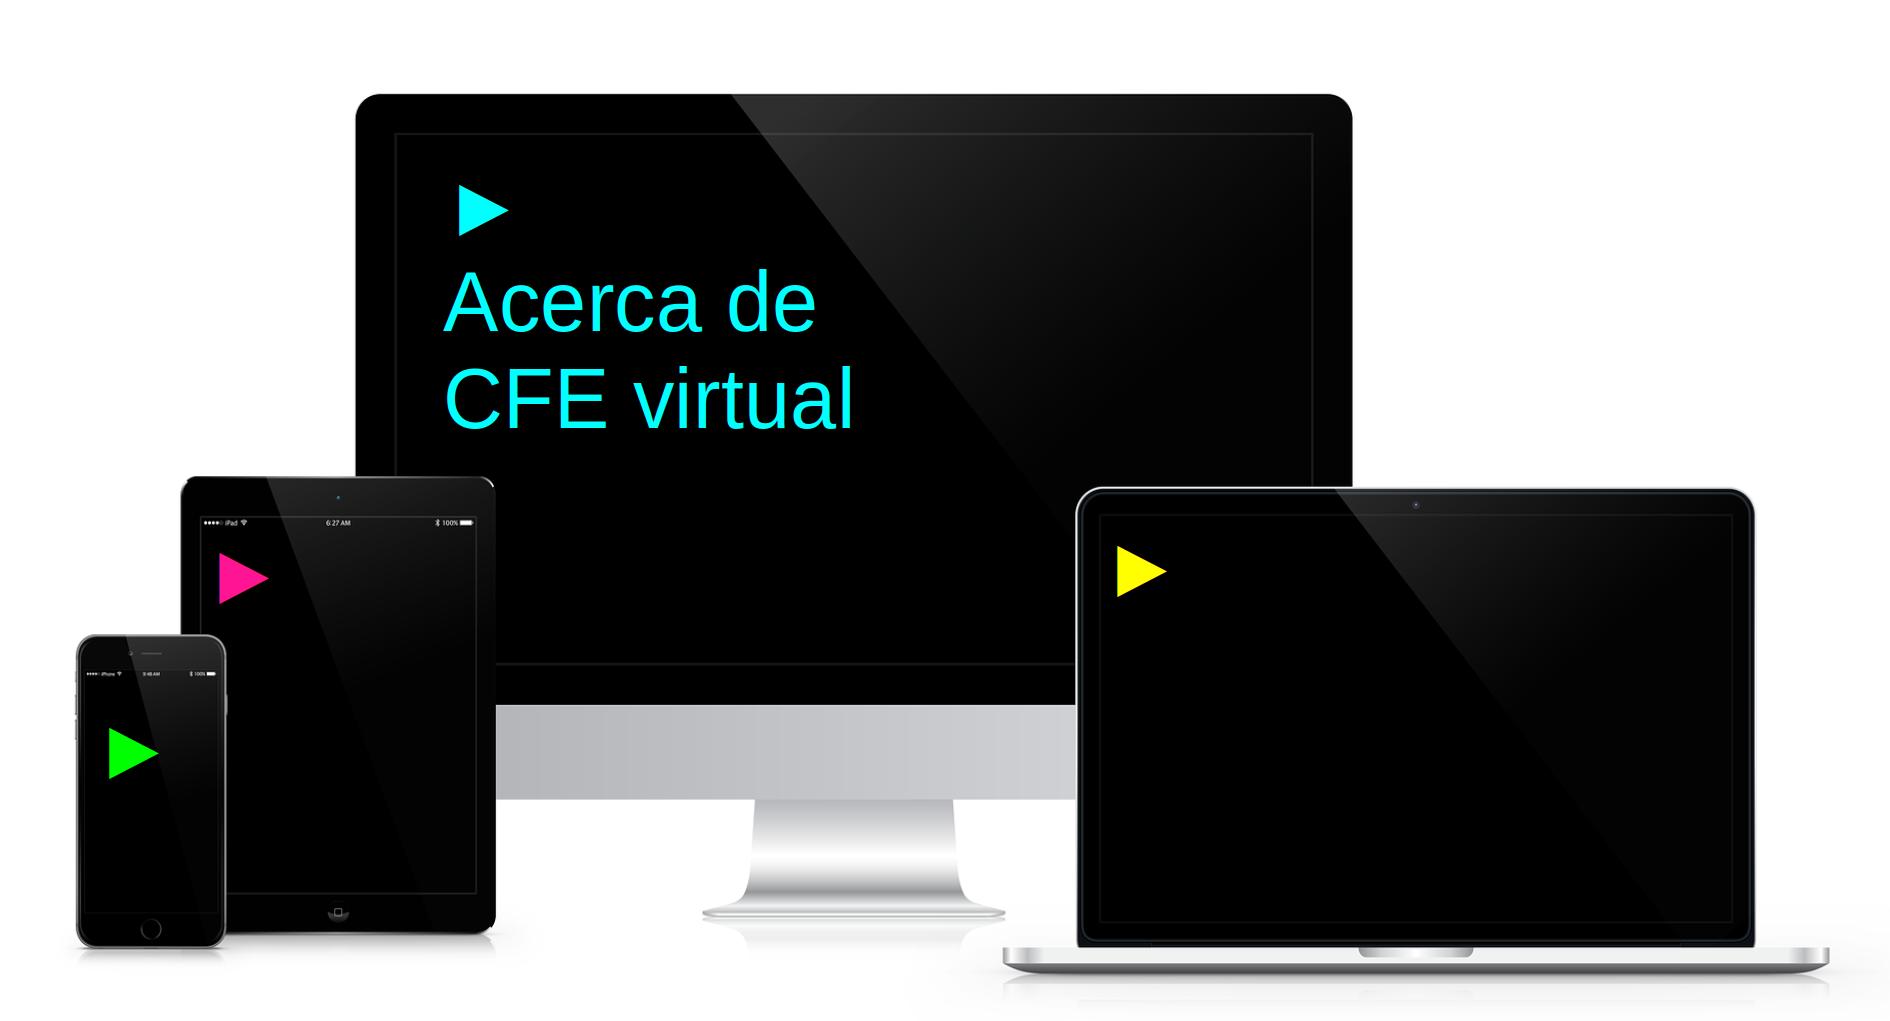 Acerca de CFE virtual